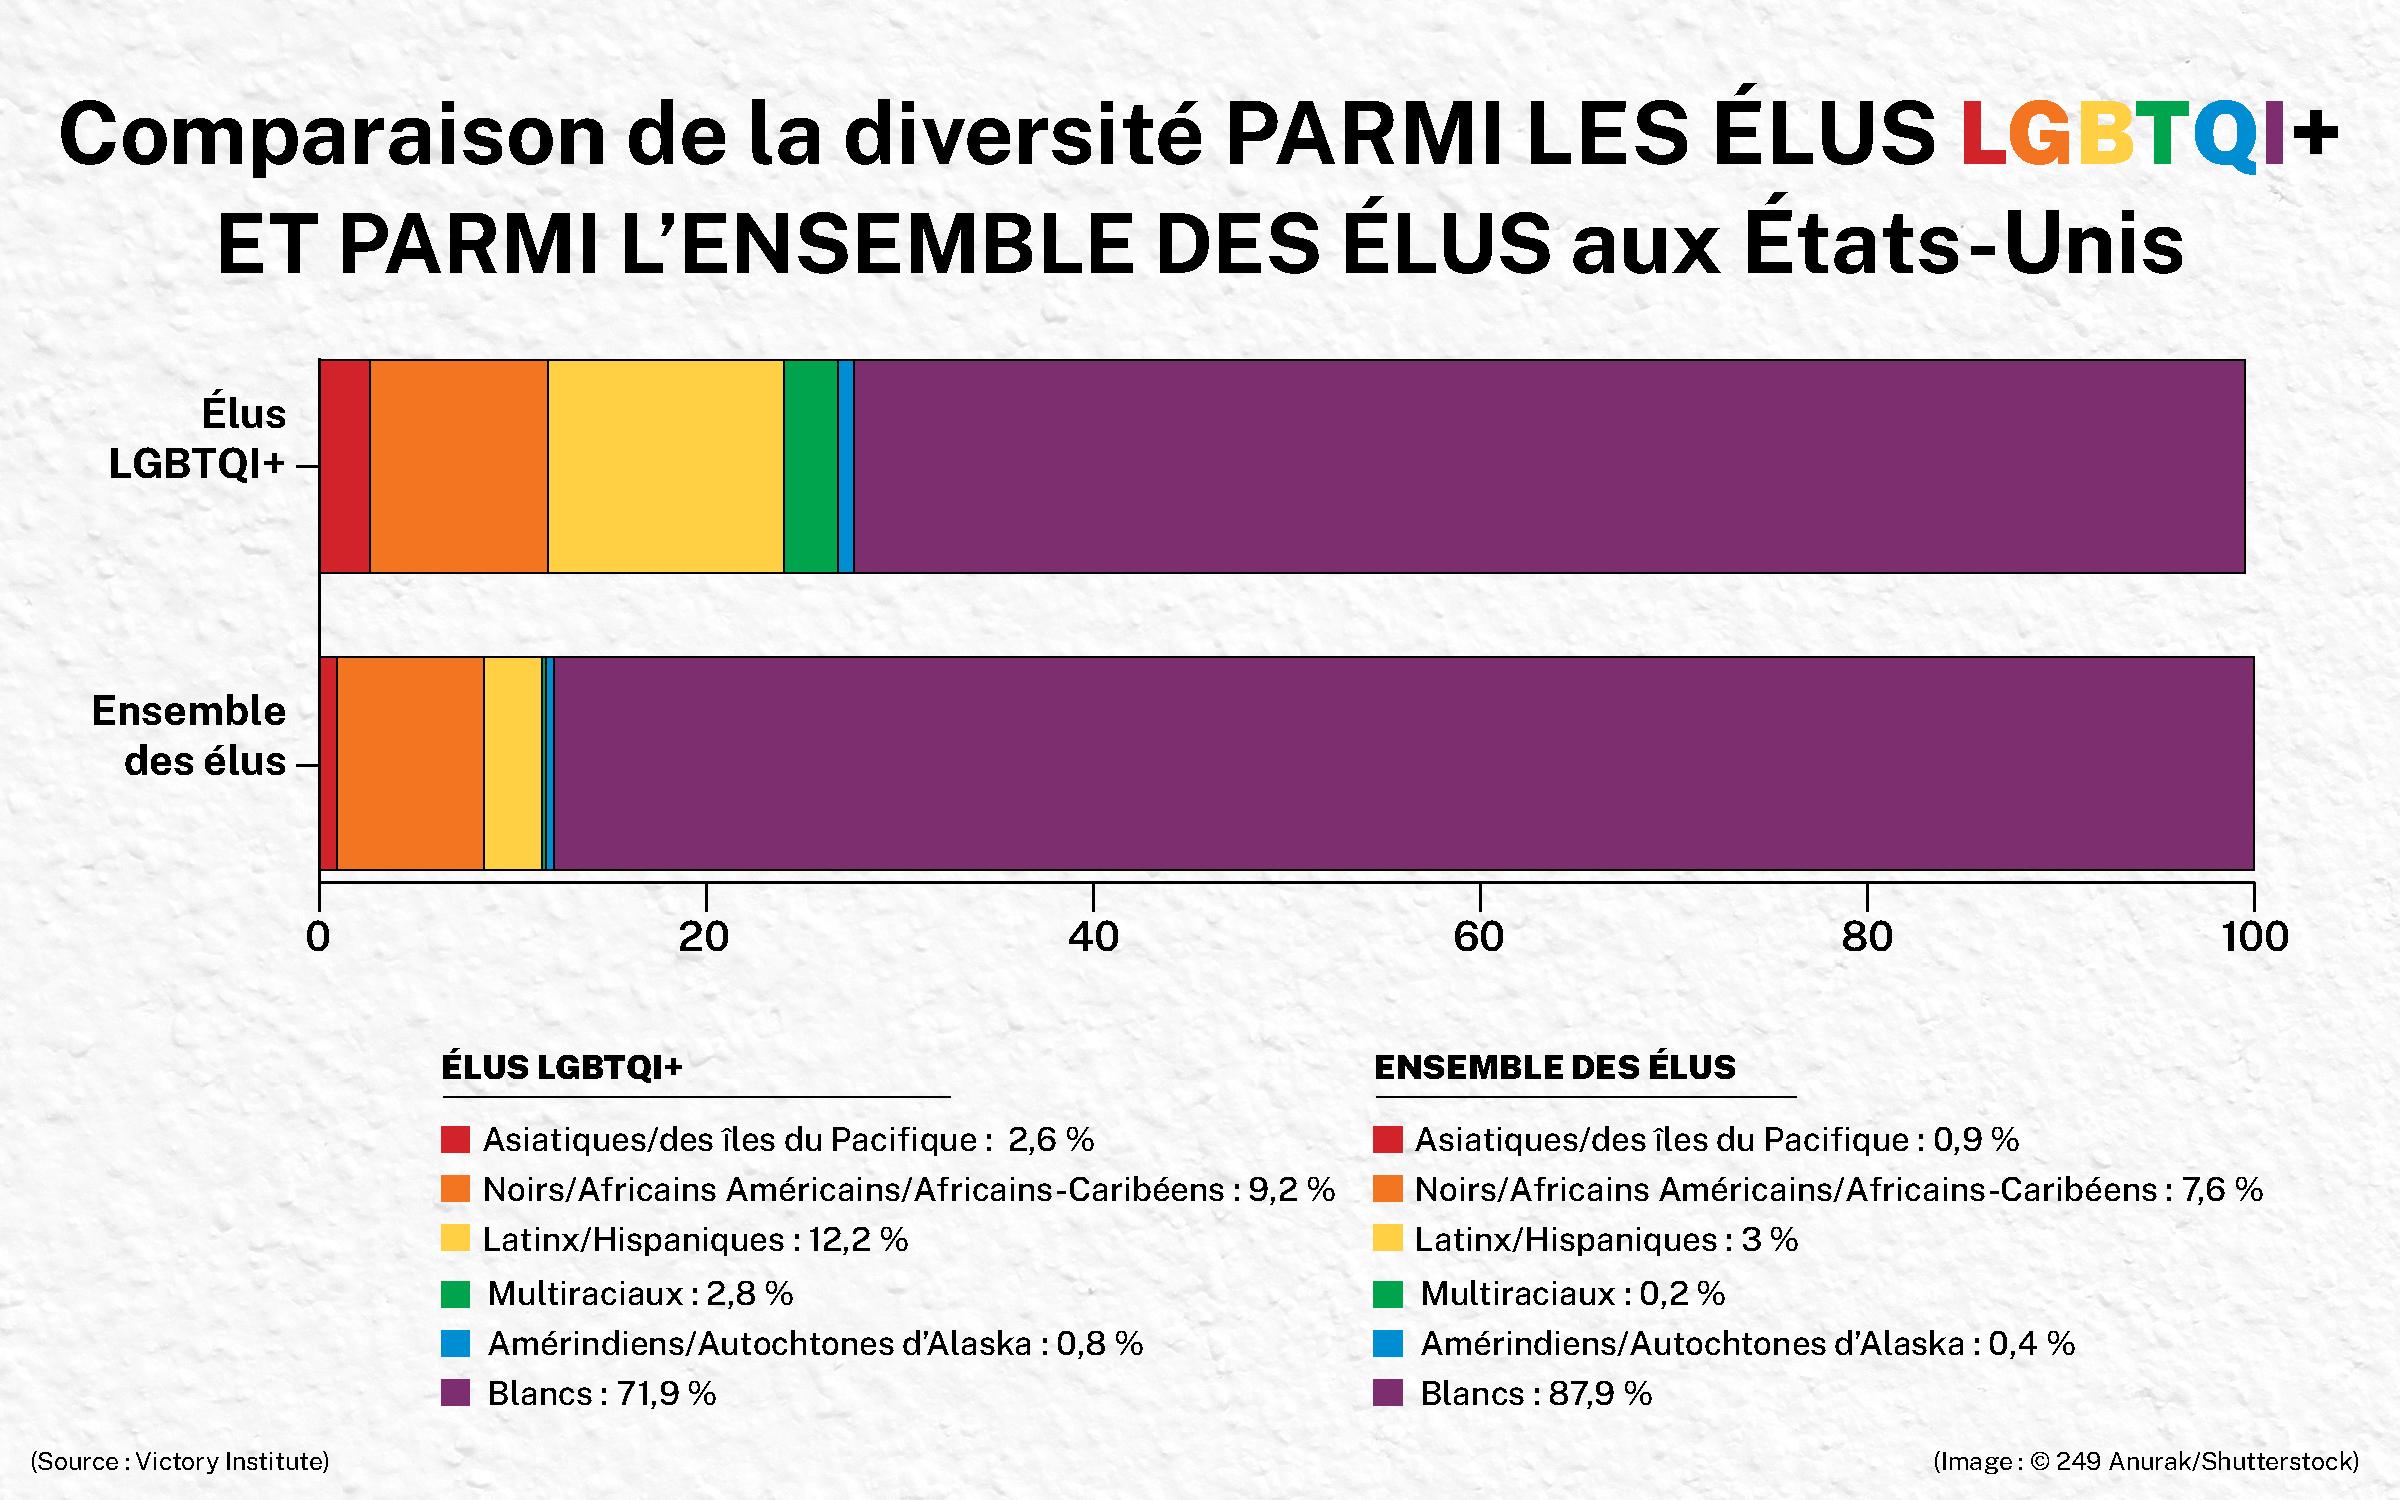 Infographie illustrant la différence de diversité parmi les élus LGBTQI+ et parmi l'ensemble des élus américains (Département d'Etat/H. Efrem)